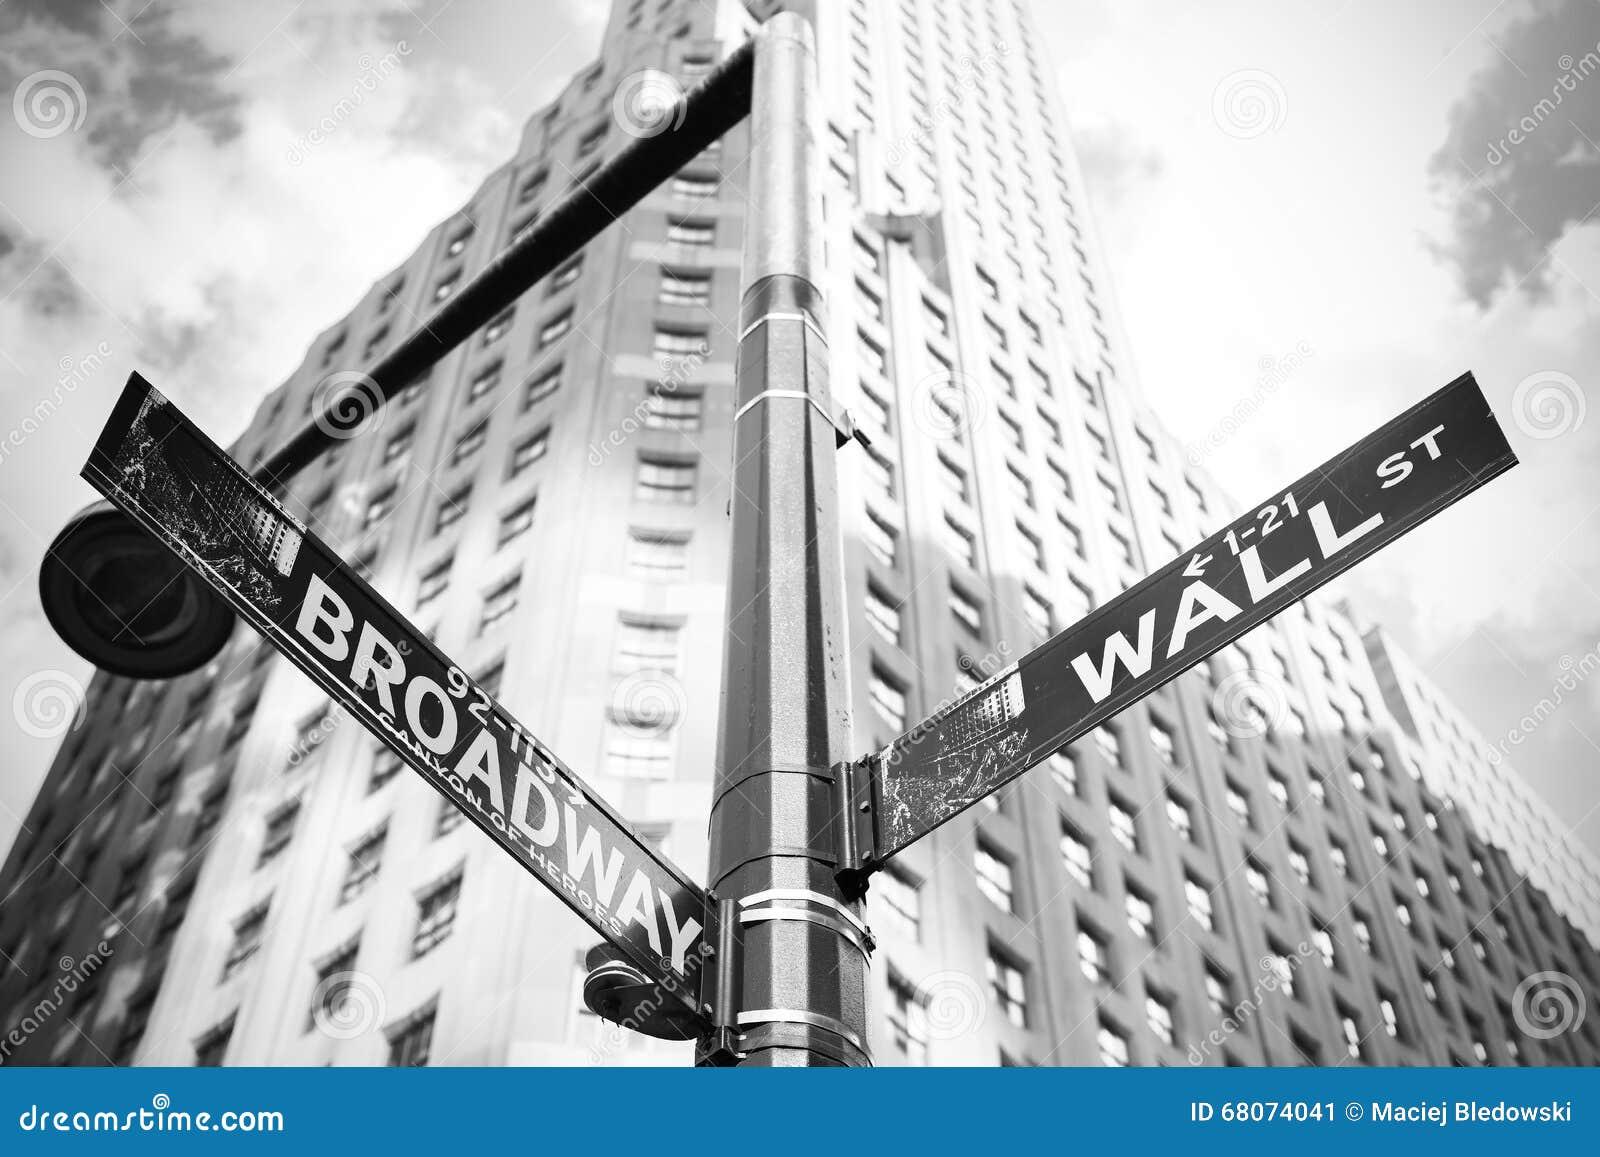 Wall Street e Broadway assinam dentro Manhattan, New York, EUA